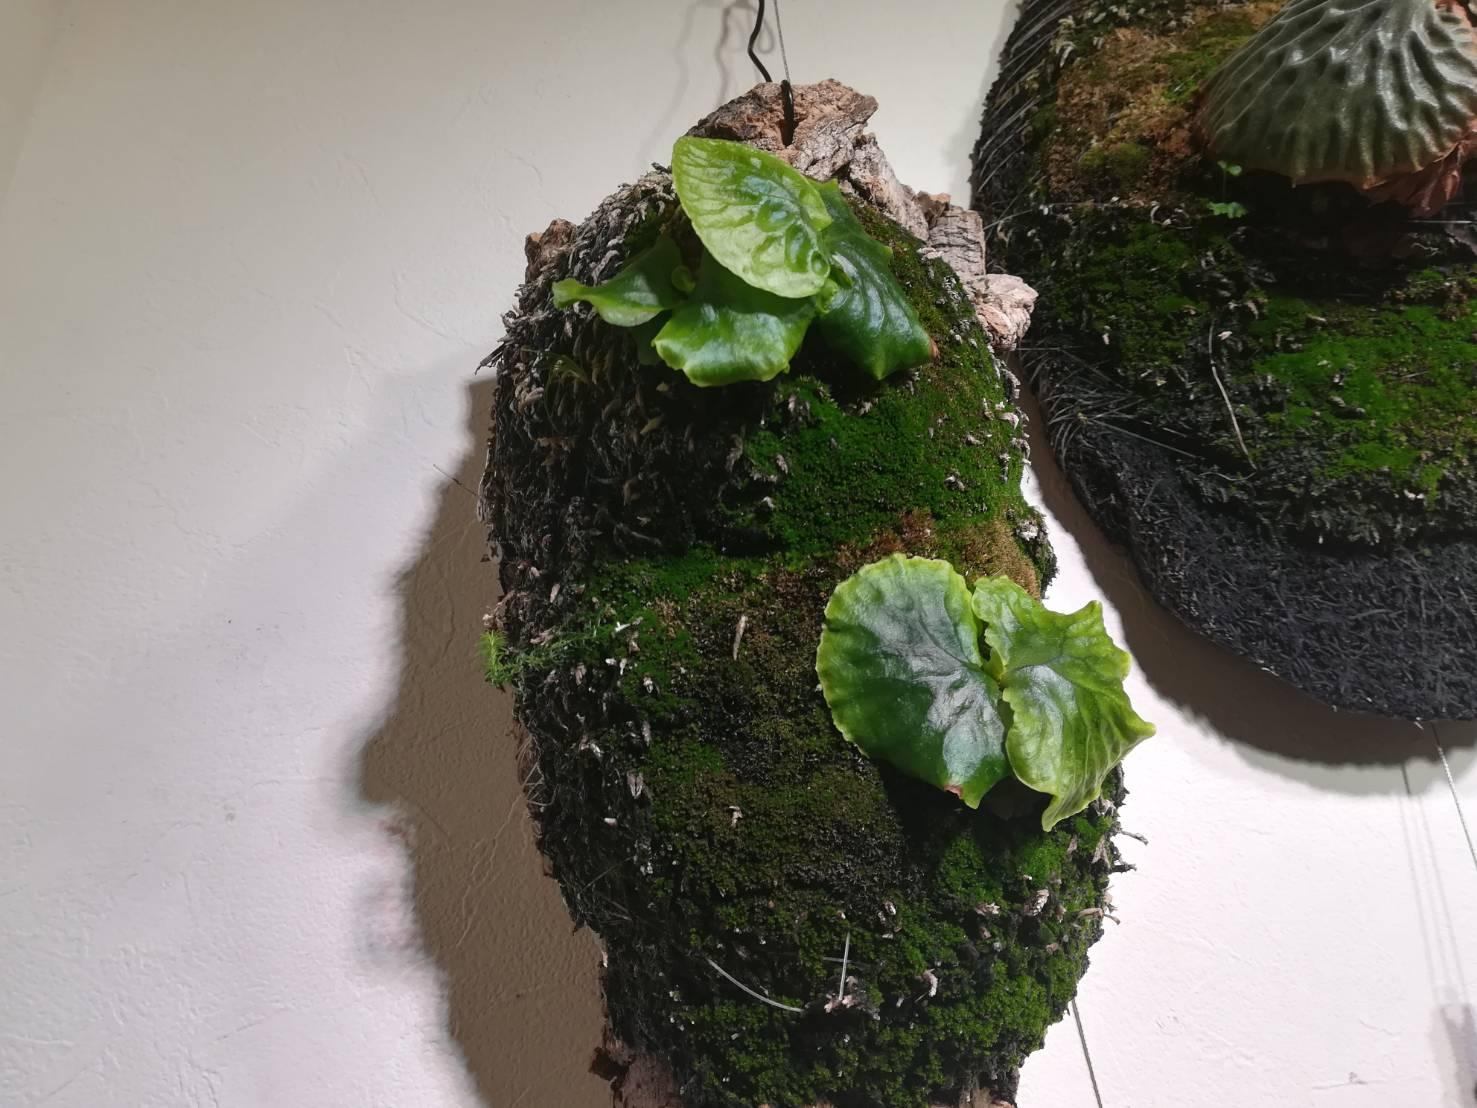 マダガスカリエンセと一緒に苔を愛でる良さ...≪メリクロン株購入から1年半後の記録≫